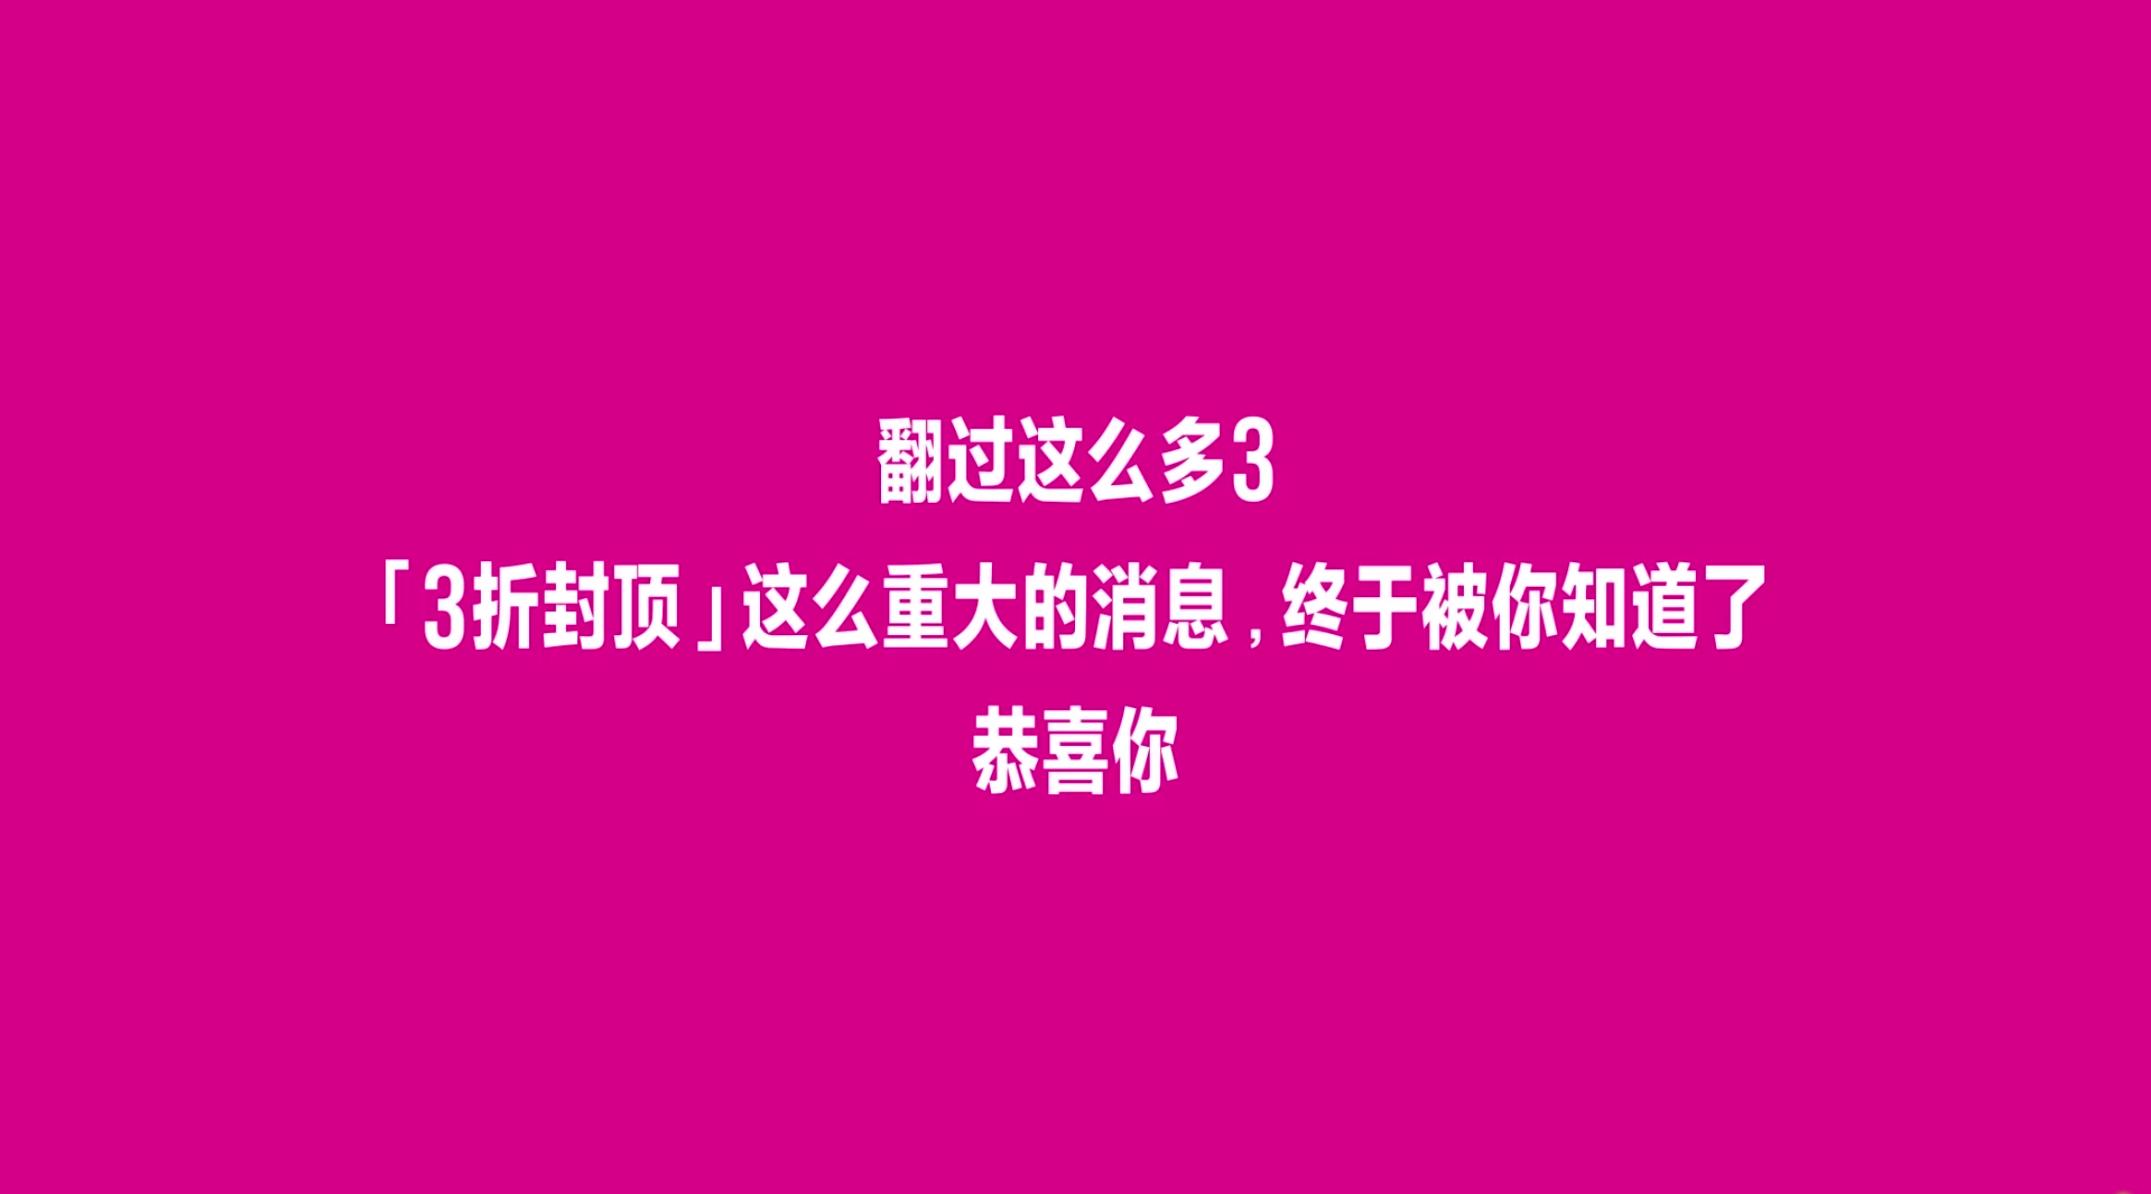 7 视频截图.png